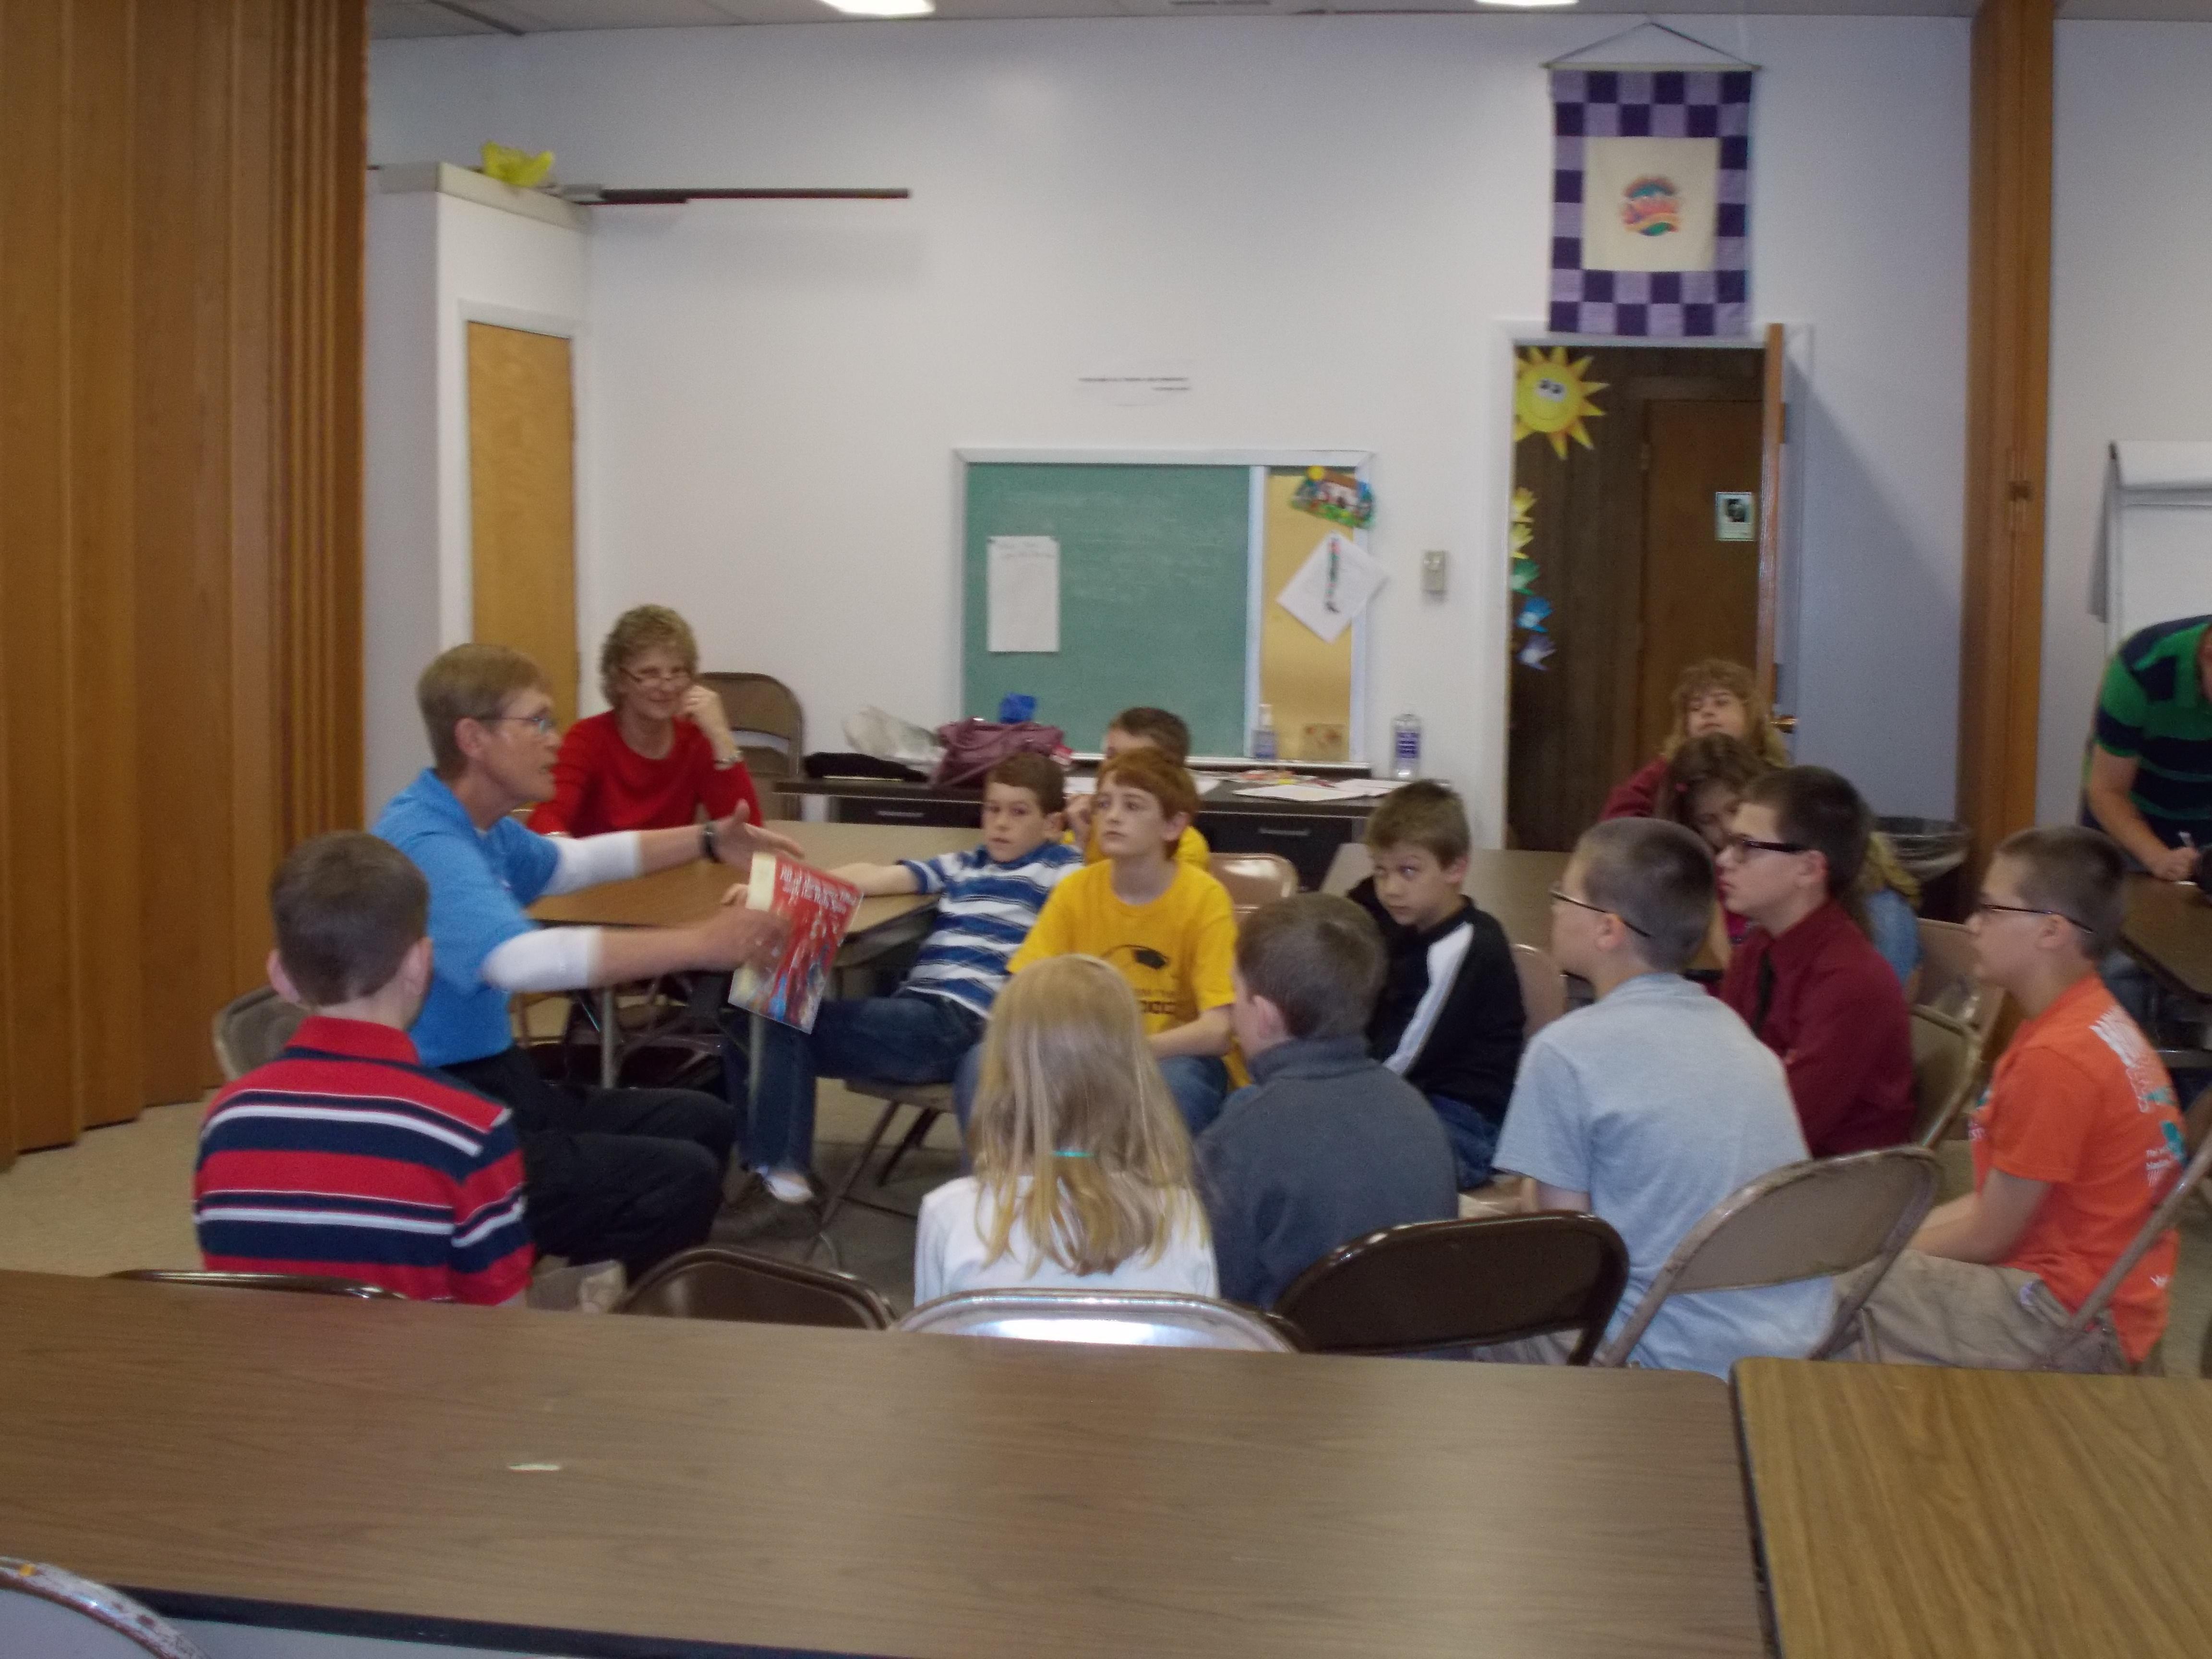 St. Mark's Sunday School